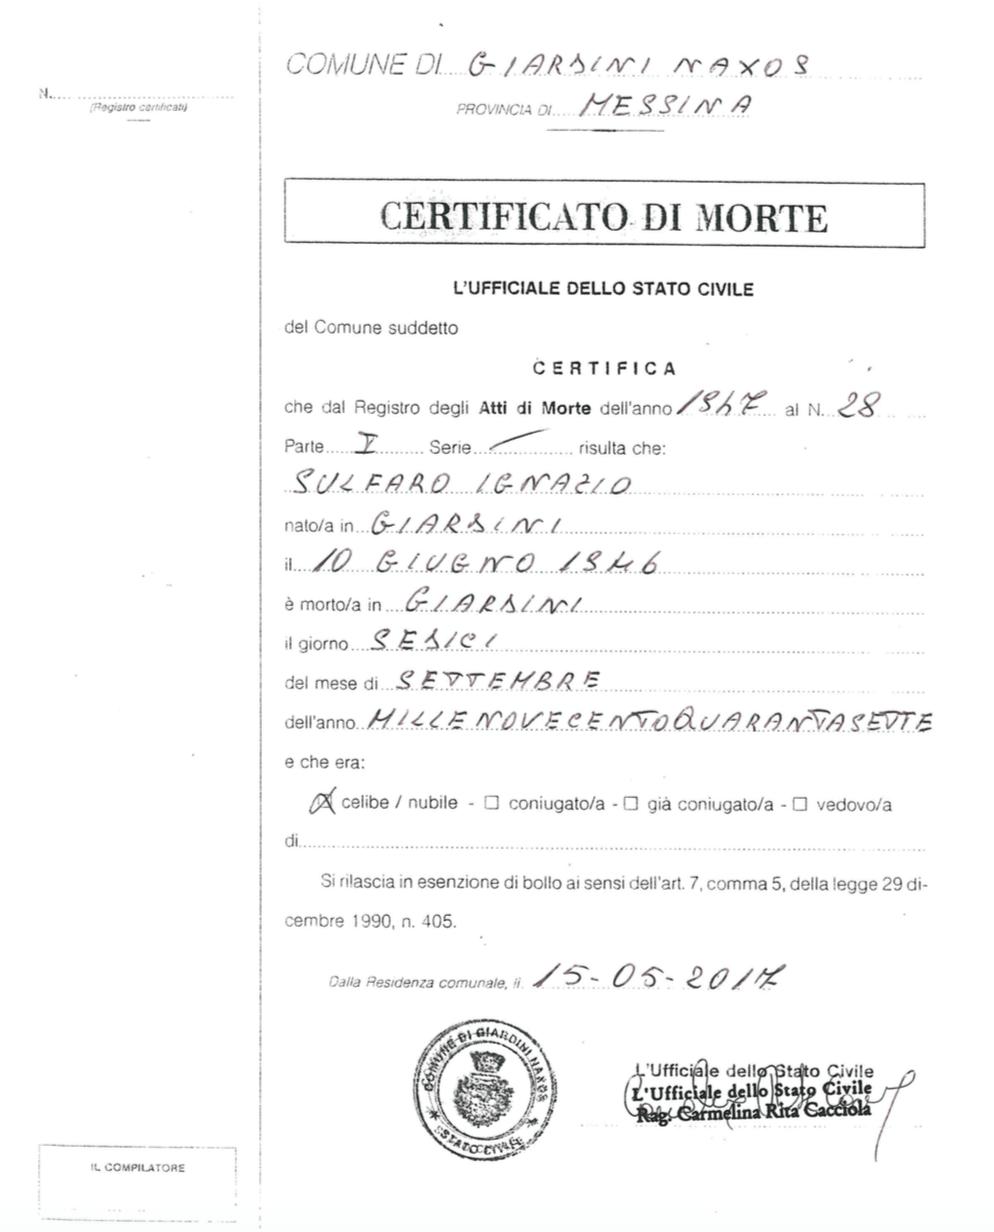 Ignazio Sulfaro - Certificato di Morte - 1947